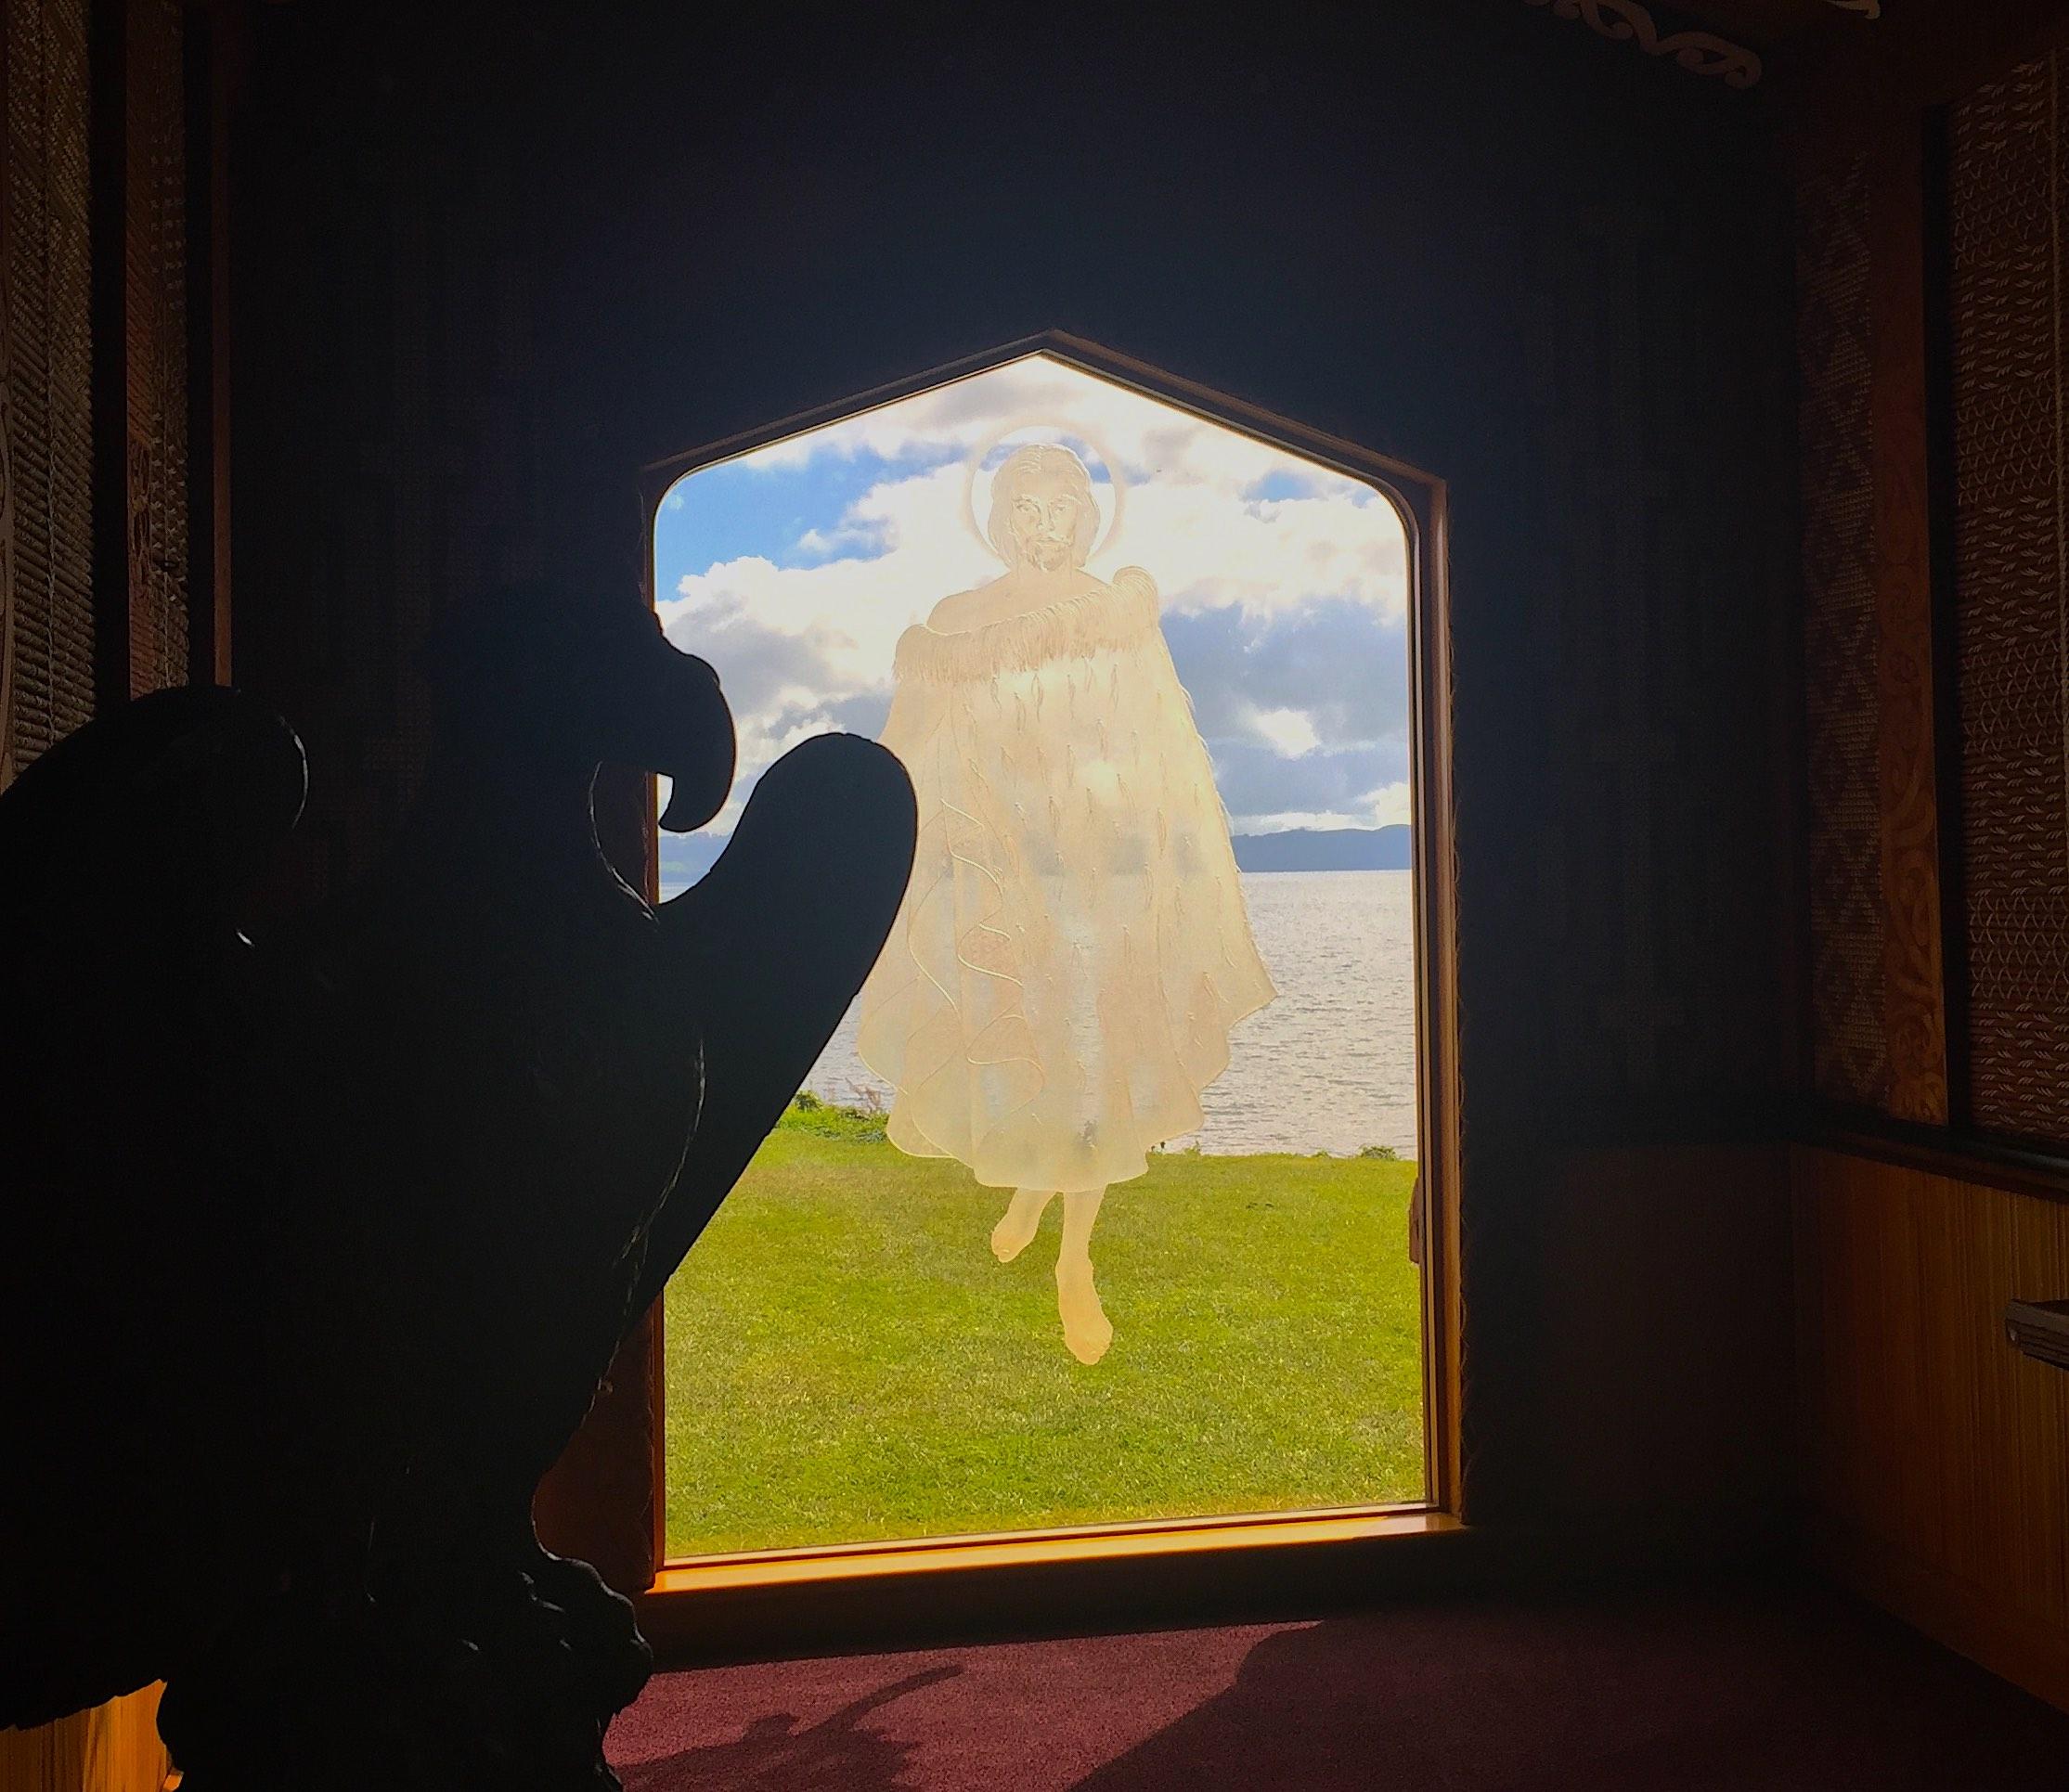 窓ガラスに浮かぶキリスト